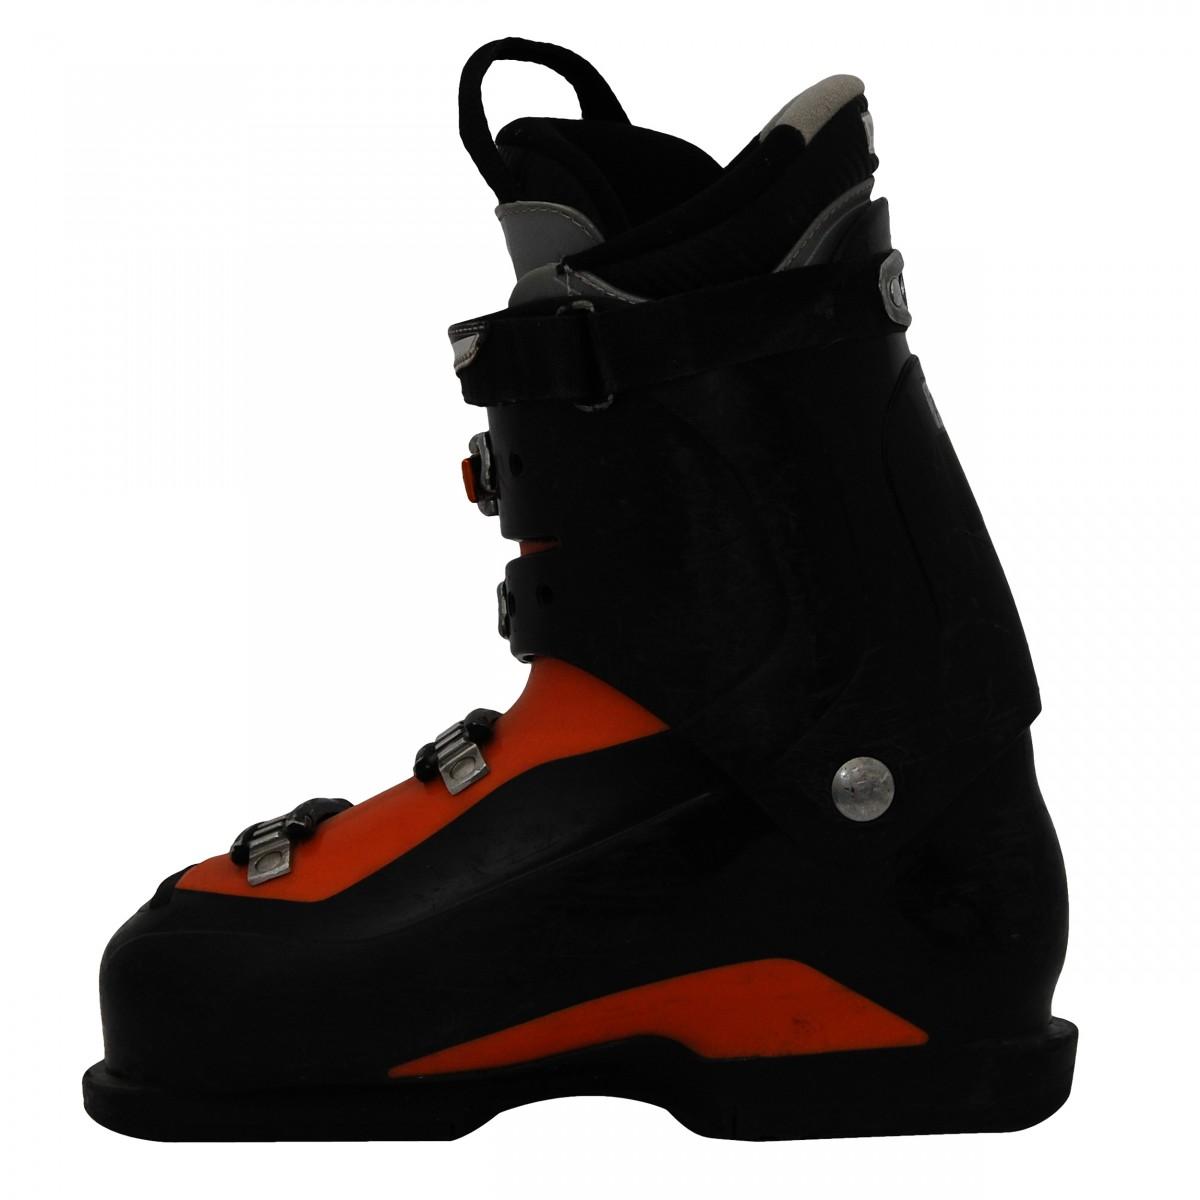 Used ski boots Salomon mission 770 blackorange